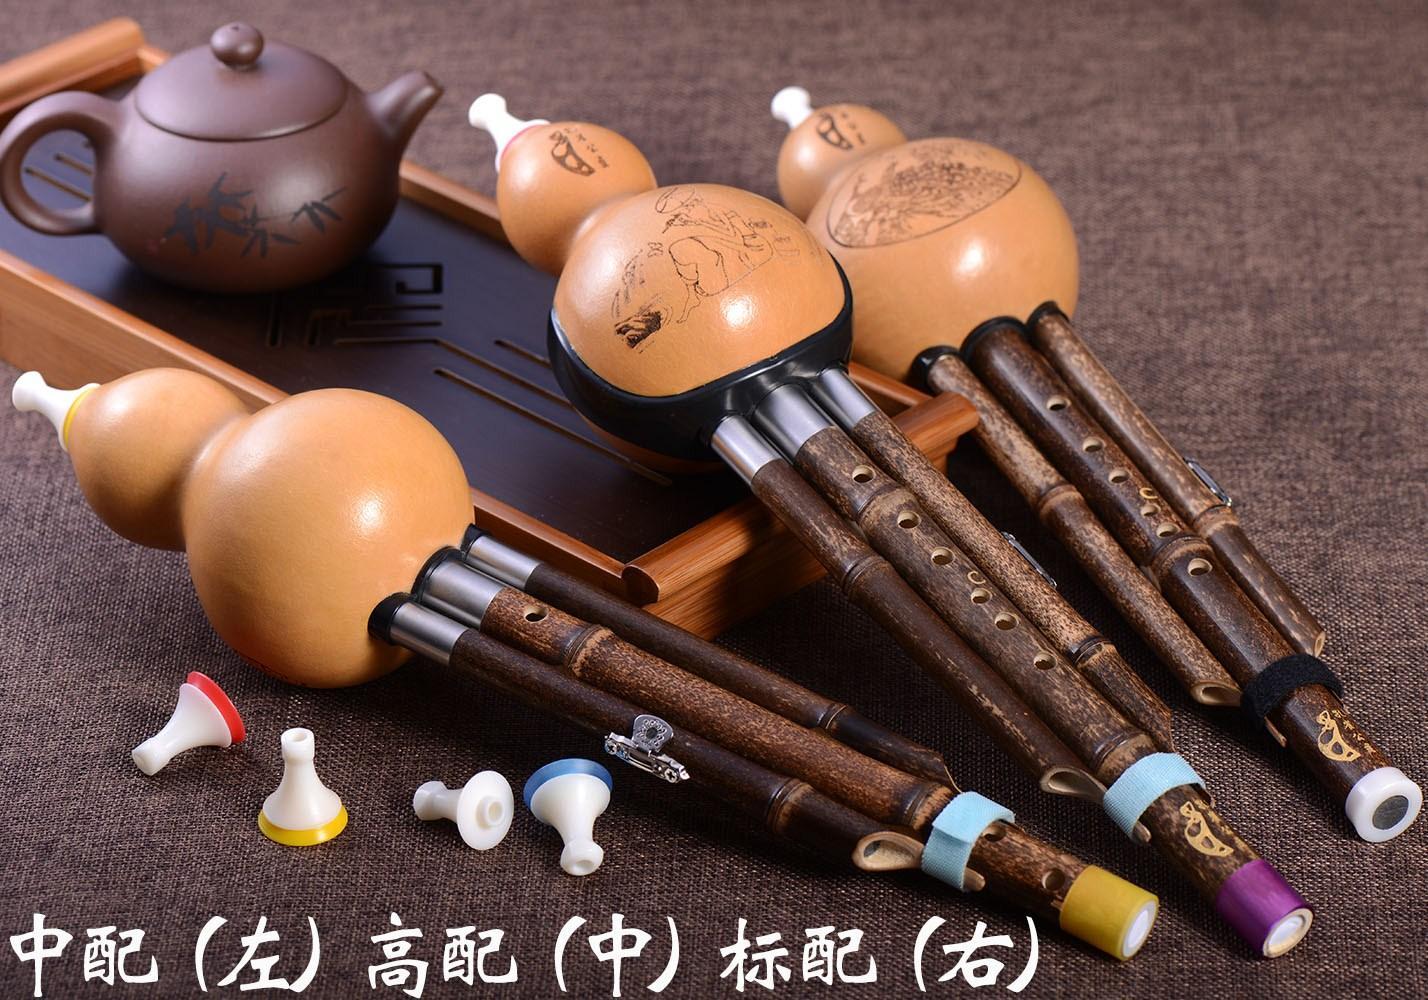 El pavo real la Princesa hulusi instrumentos para principiantes B. C rebajado con alumnos de primaria los niños adultos GF